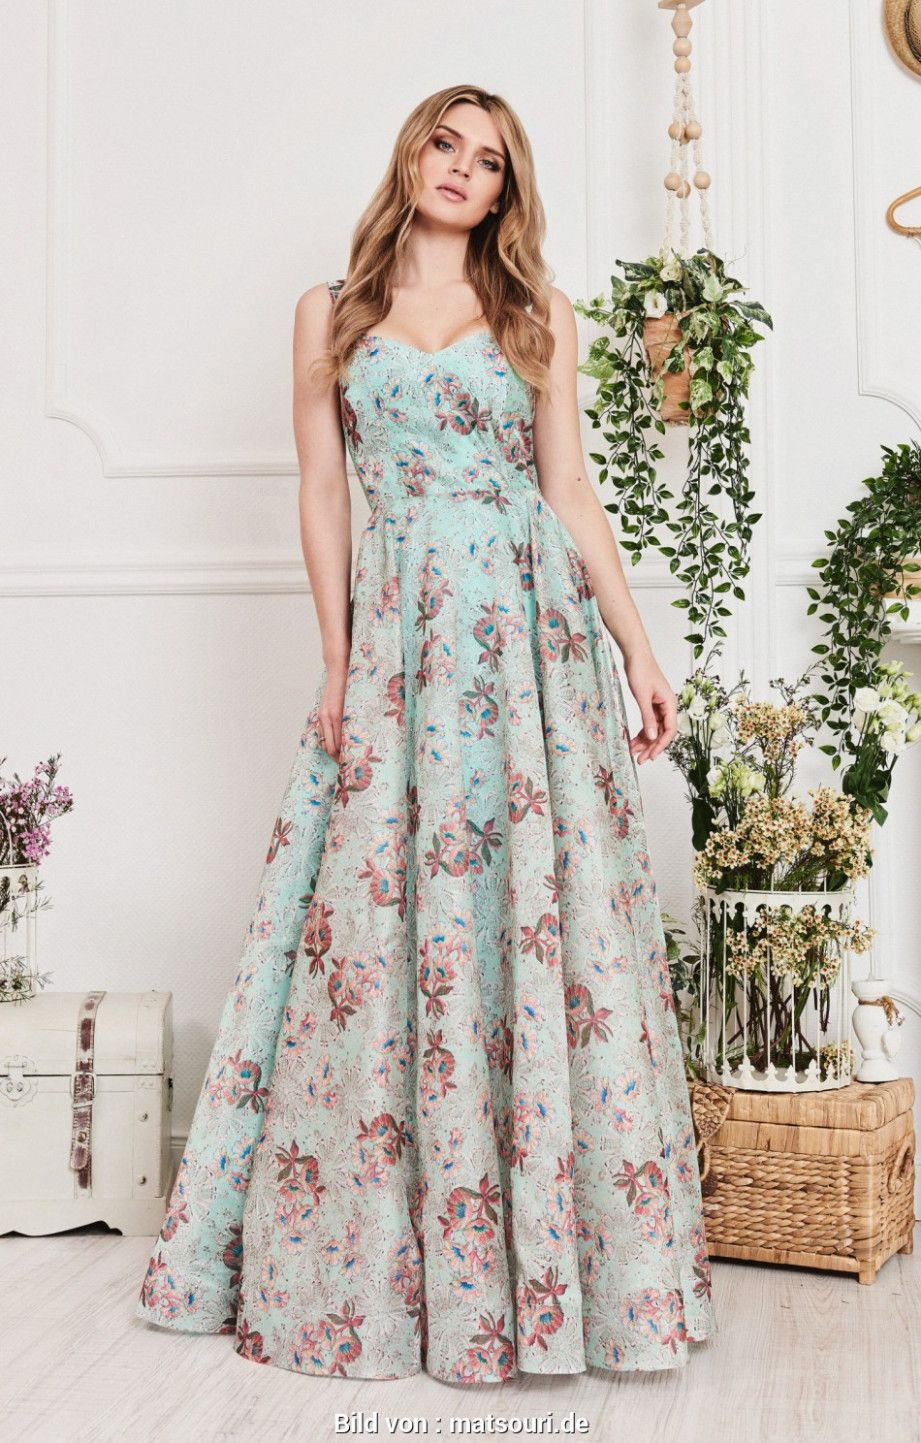 10 Second Hand Abendkleider In 2020 Vintage Abendkleider Abendkleid Modische Kleider